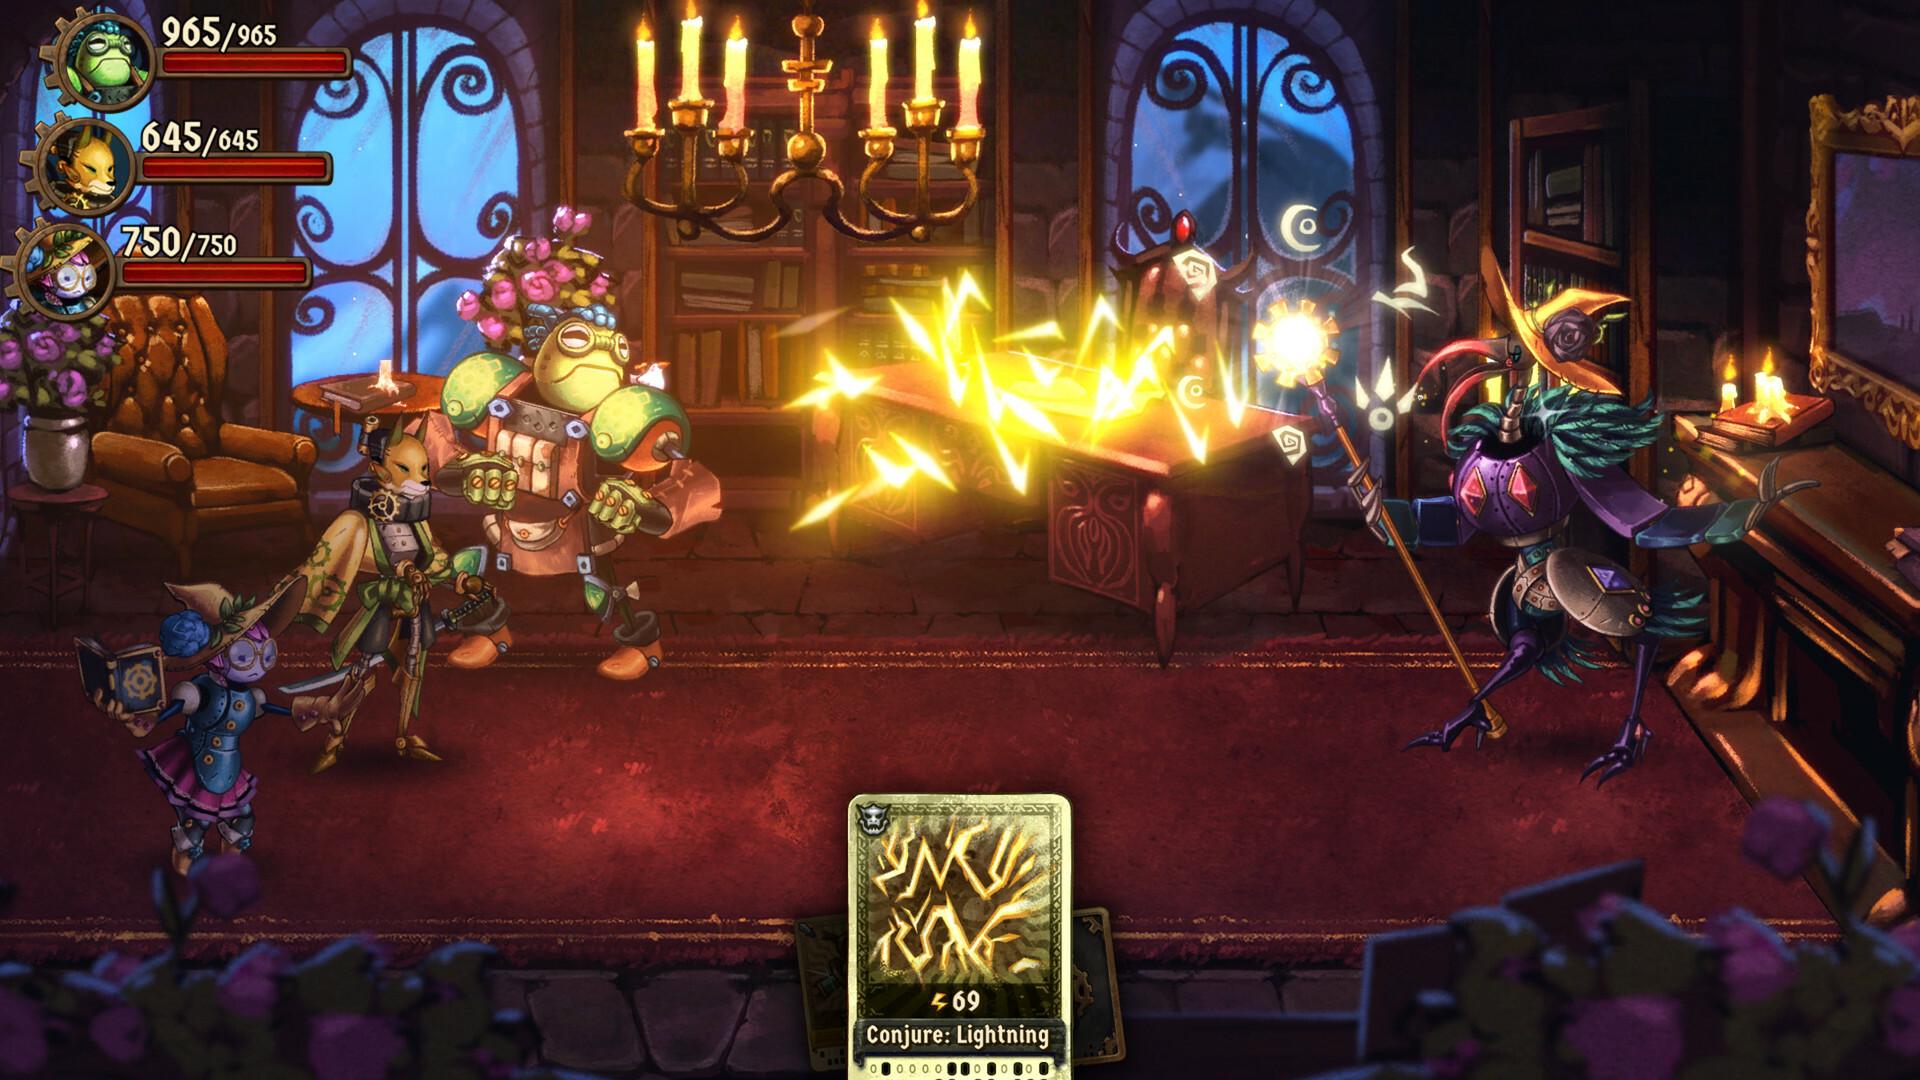 SteamWorld Quest: Hand of Gilgamech screenshot 2